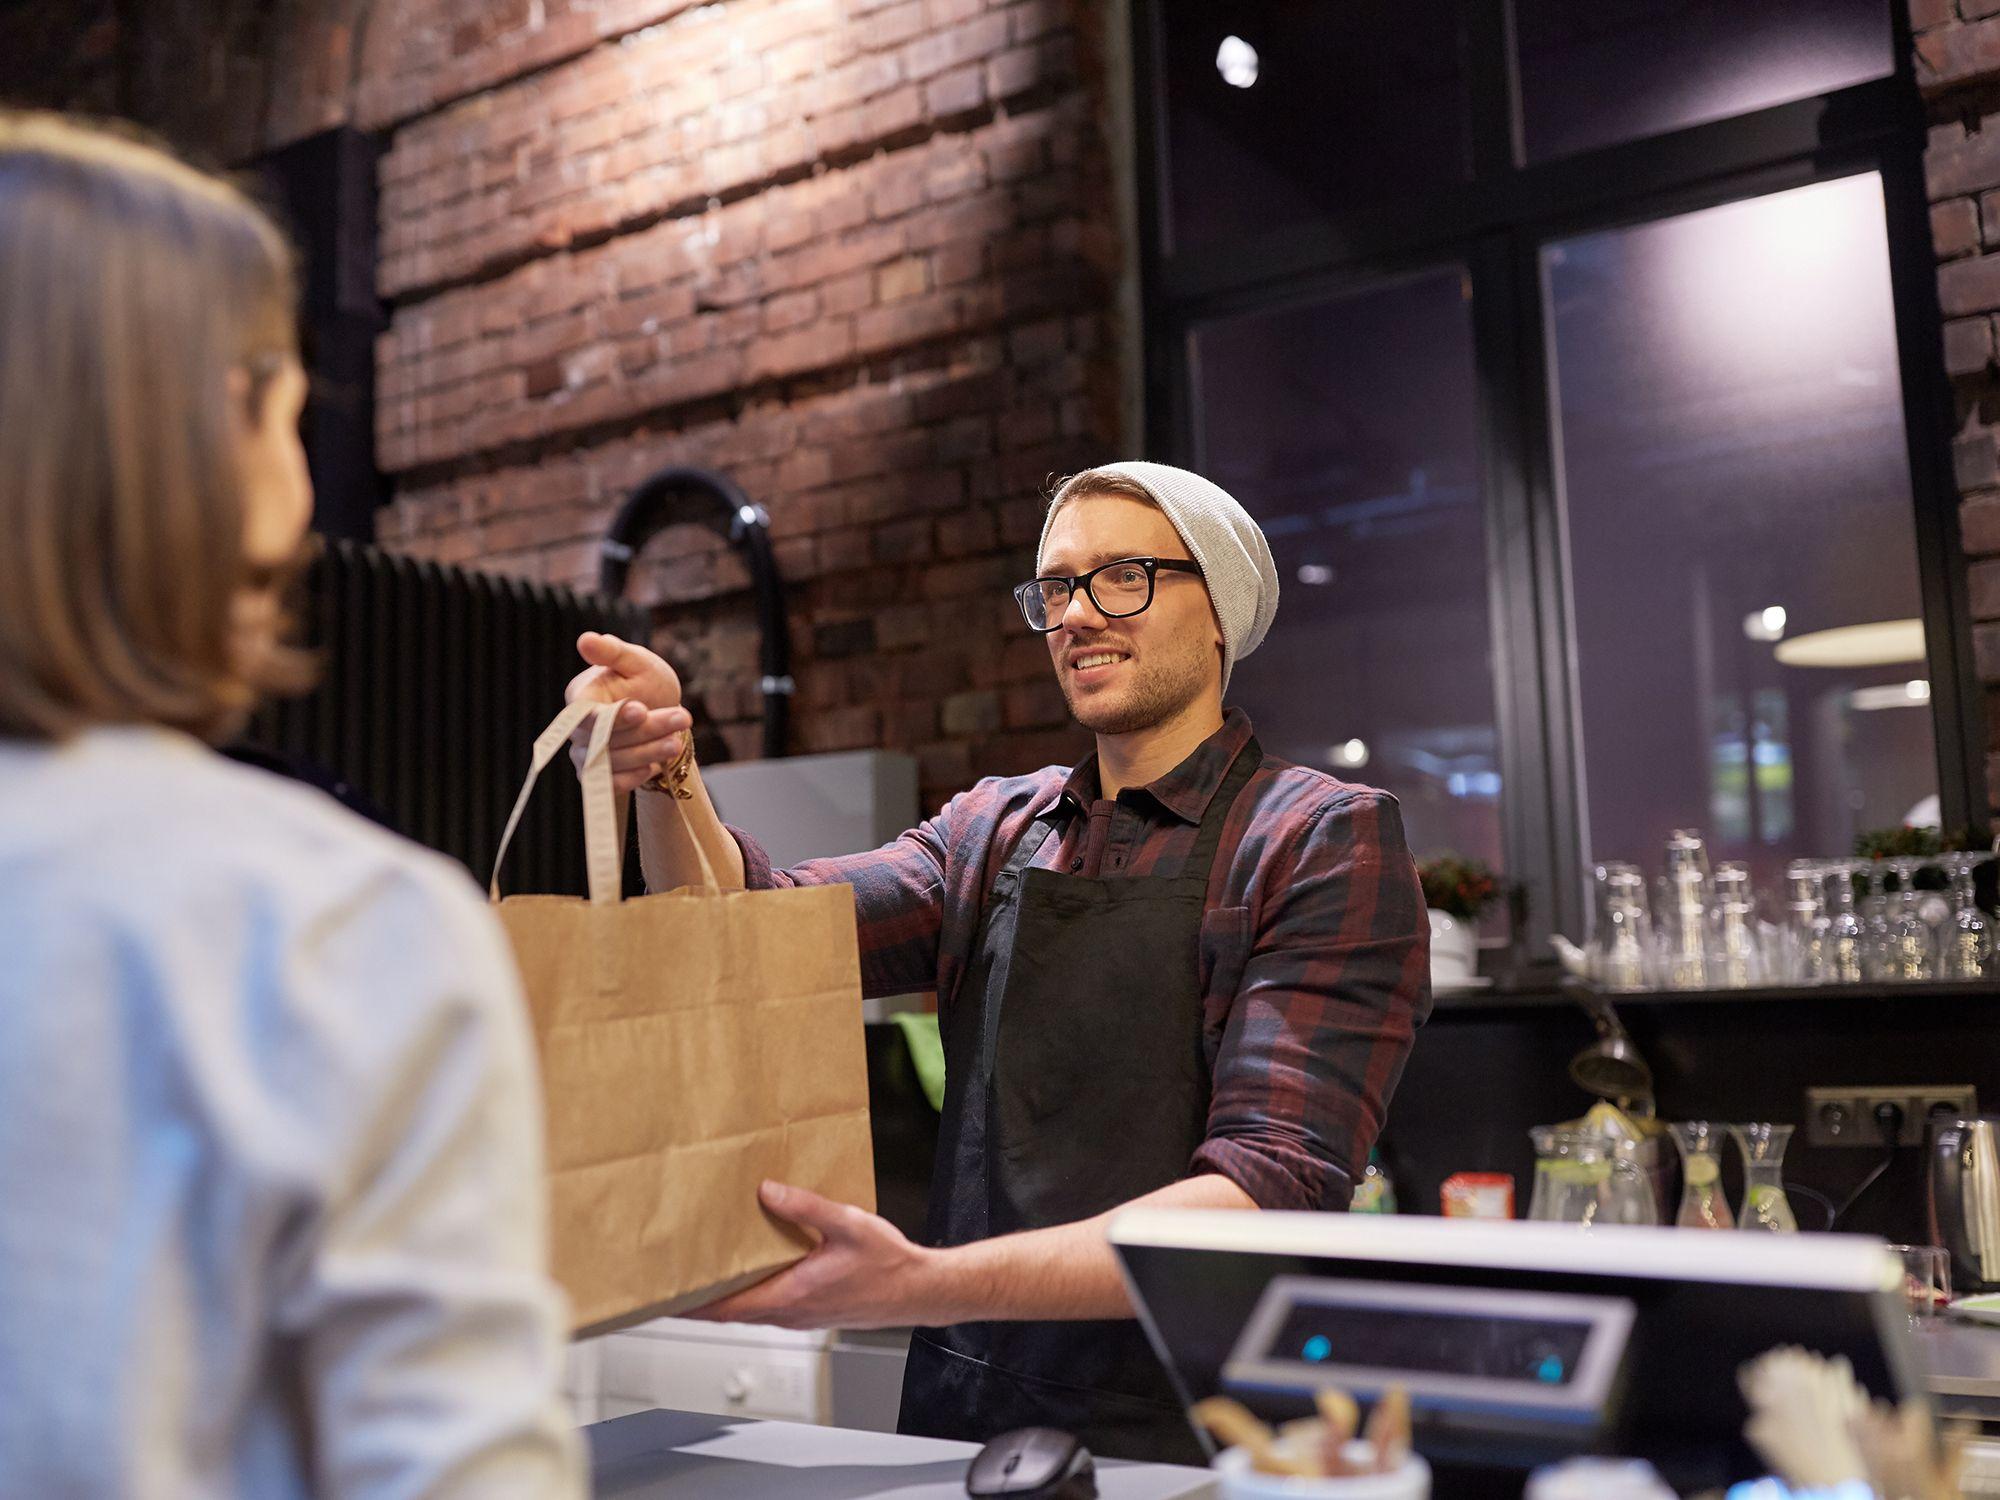 Level 3 - Pop-up-Verkäufer wie Verkaufsprofis, Pop-up-Store Personal, Verkaufstalente, Verkaufsberater, Verkaufsmitarbeiter und Vertriebler zwecks direkter Personalvermittlung oder Zeitarbeit per Arbeitnehmerüberlassung und Personalüberlassung für den Einzelhandel, Pop-up-Shops, Pop-up Retail, Boutique, Pop up Stores, Pop up Laden, Outlets, Pop Up Bars, Pop Up Container, Pop up Locations, Pop up Unternehmen, Pop up Wall, Kundenservice, Kundenbetreuung, Kundenbindung, Verkaufsförderung und Absatzförderung finden und buchen